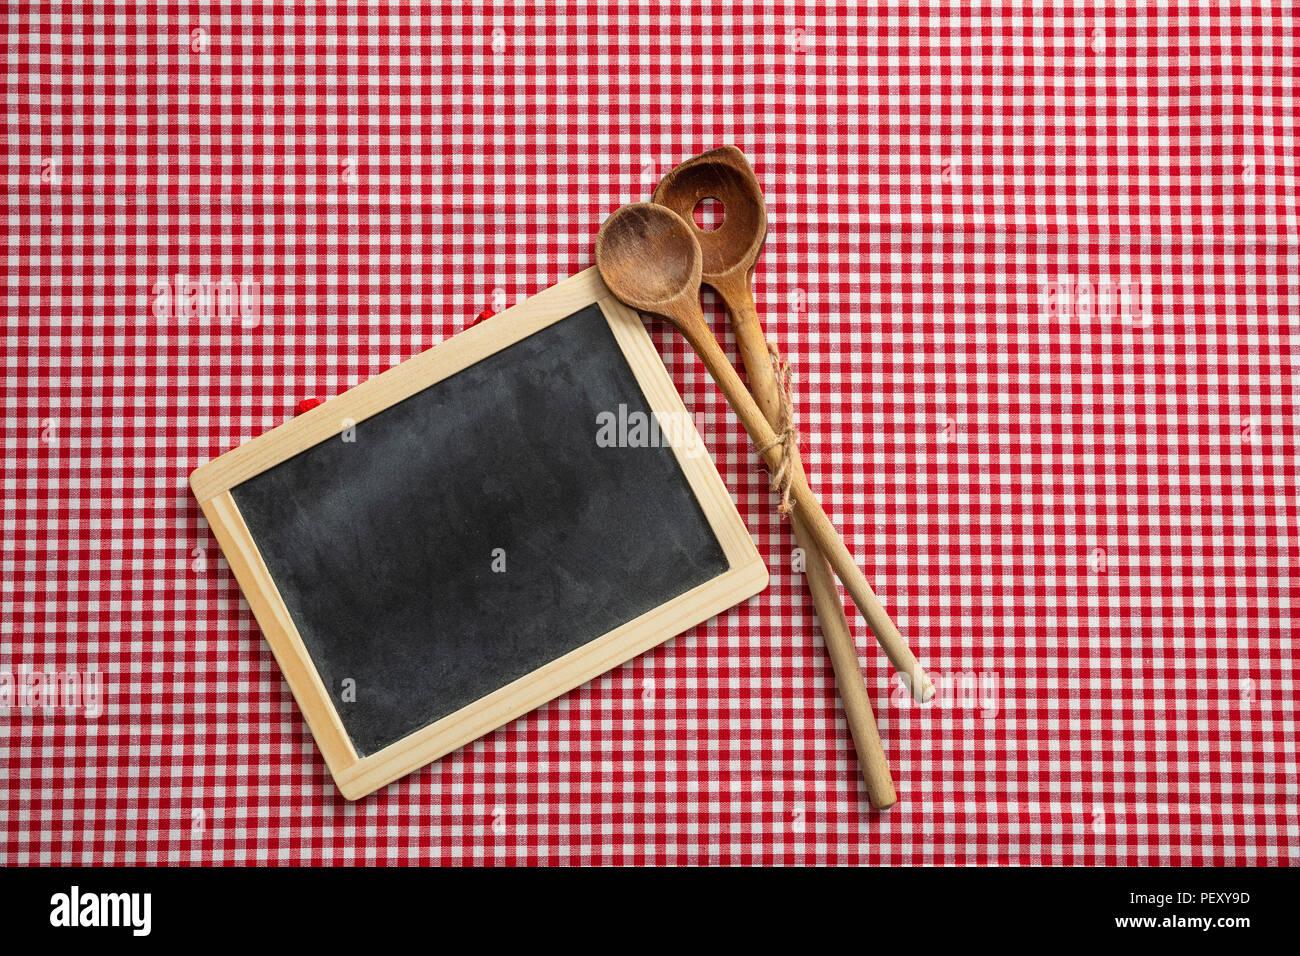 Concept De Menu Des Ustensiles De Cuisine En Bois Et Tableau Noir